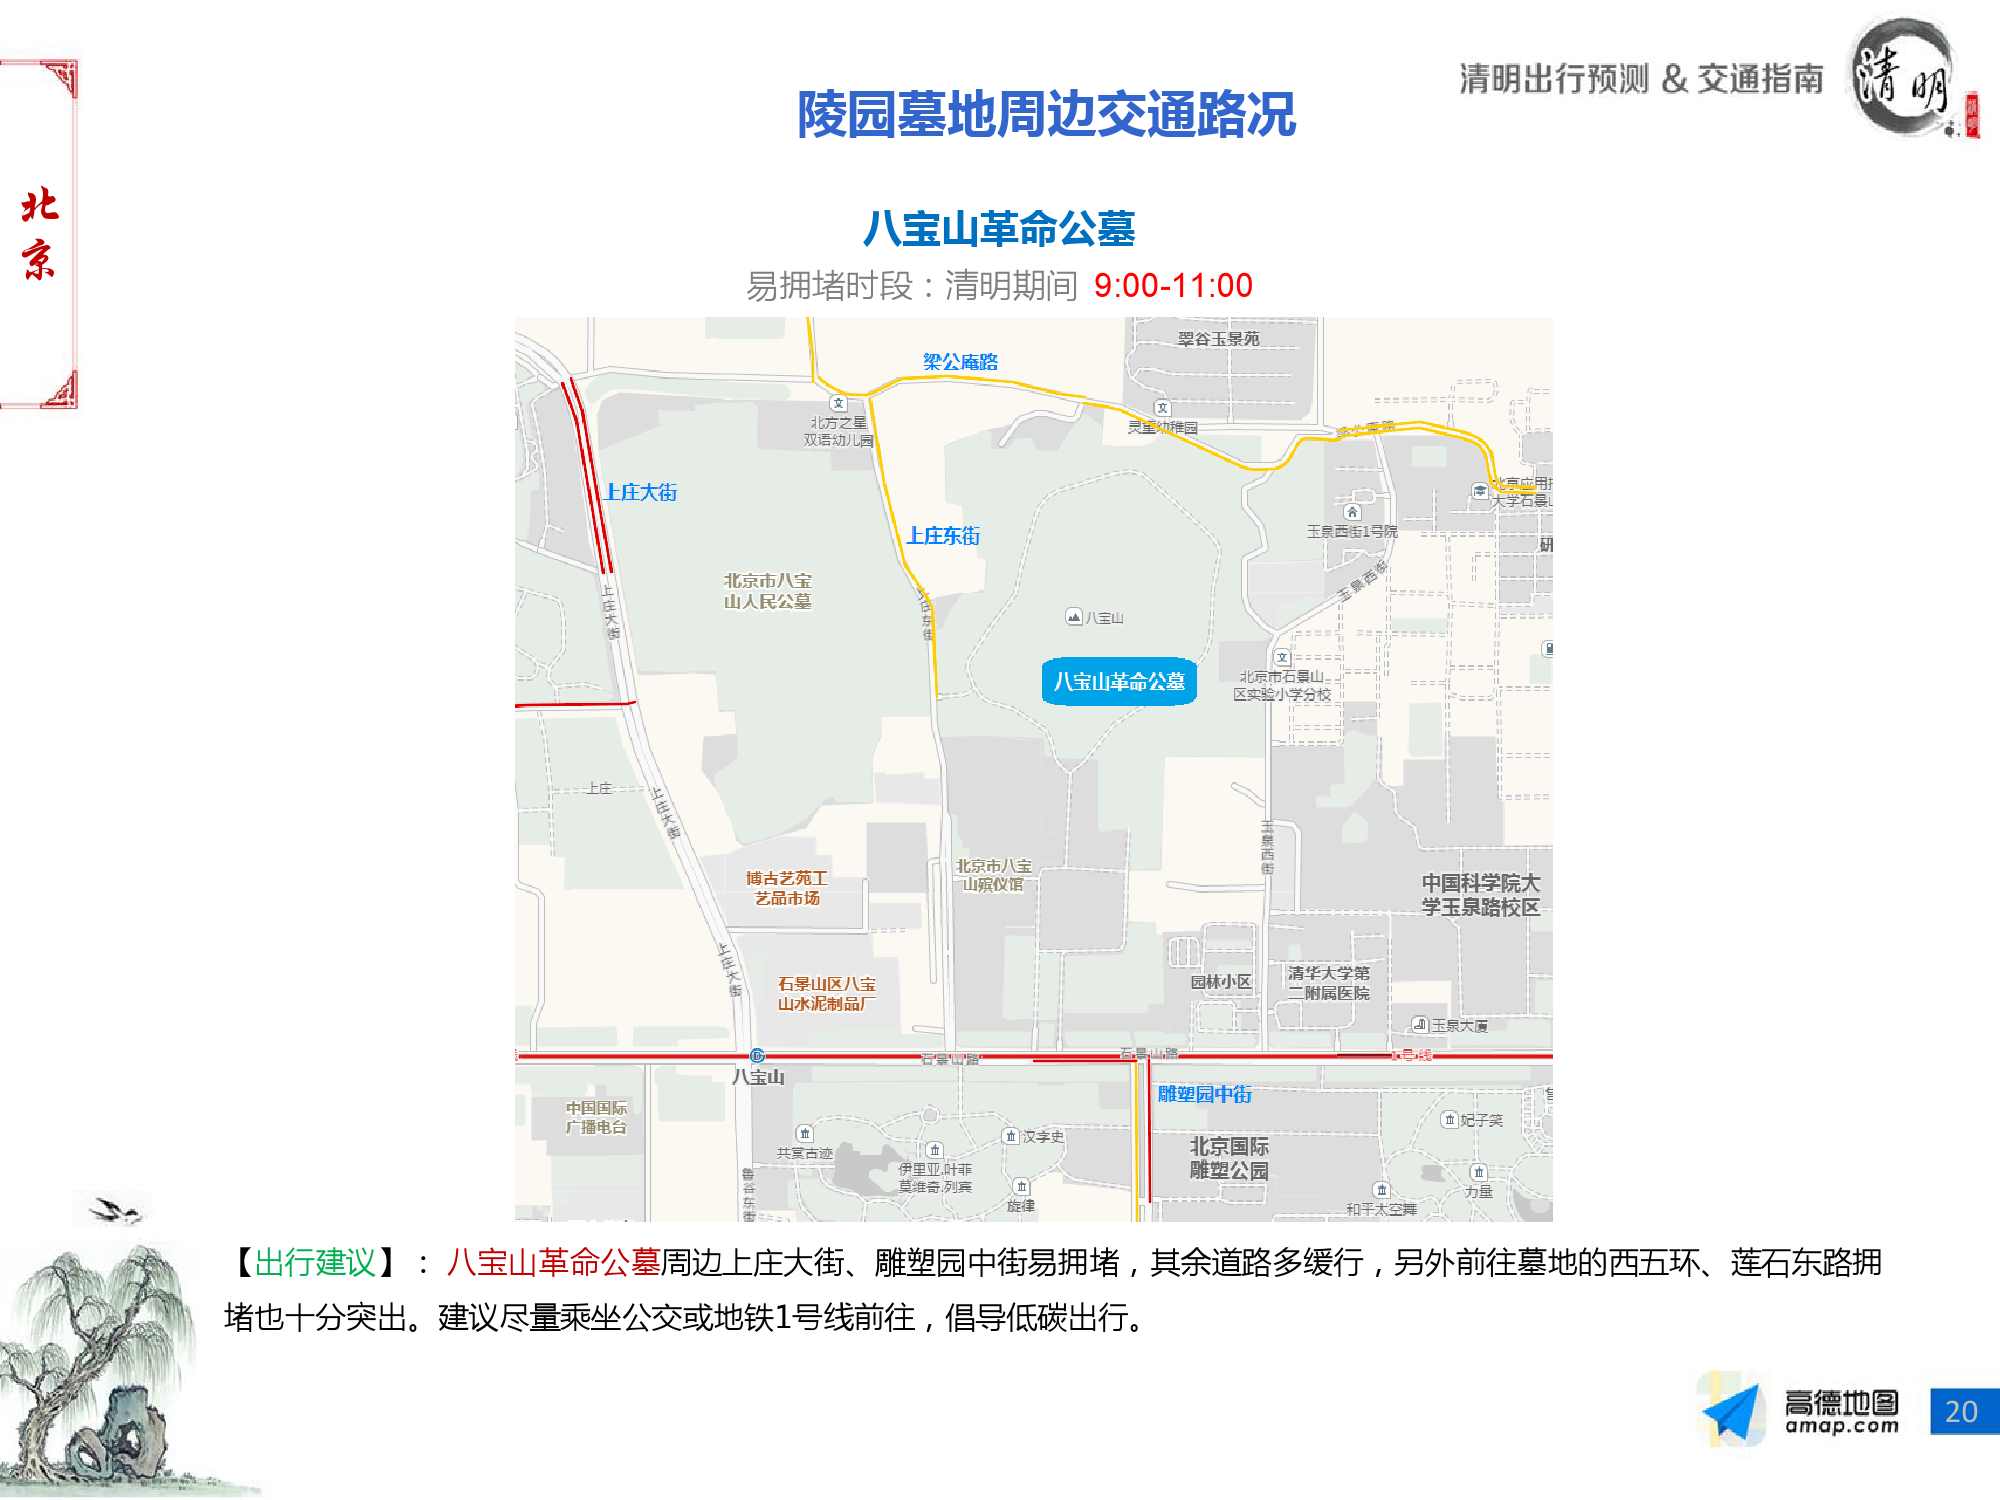 2016年清明节出行预测报告-final_000020